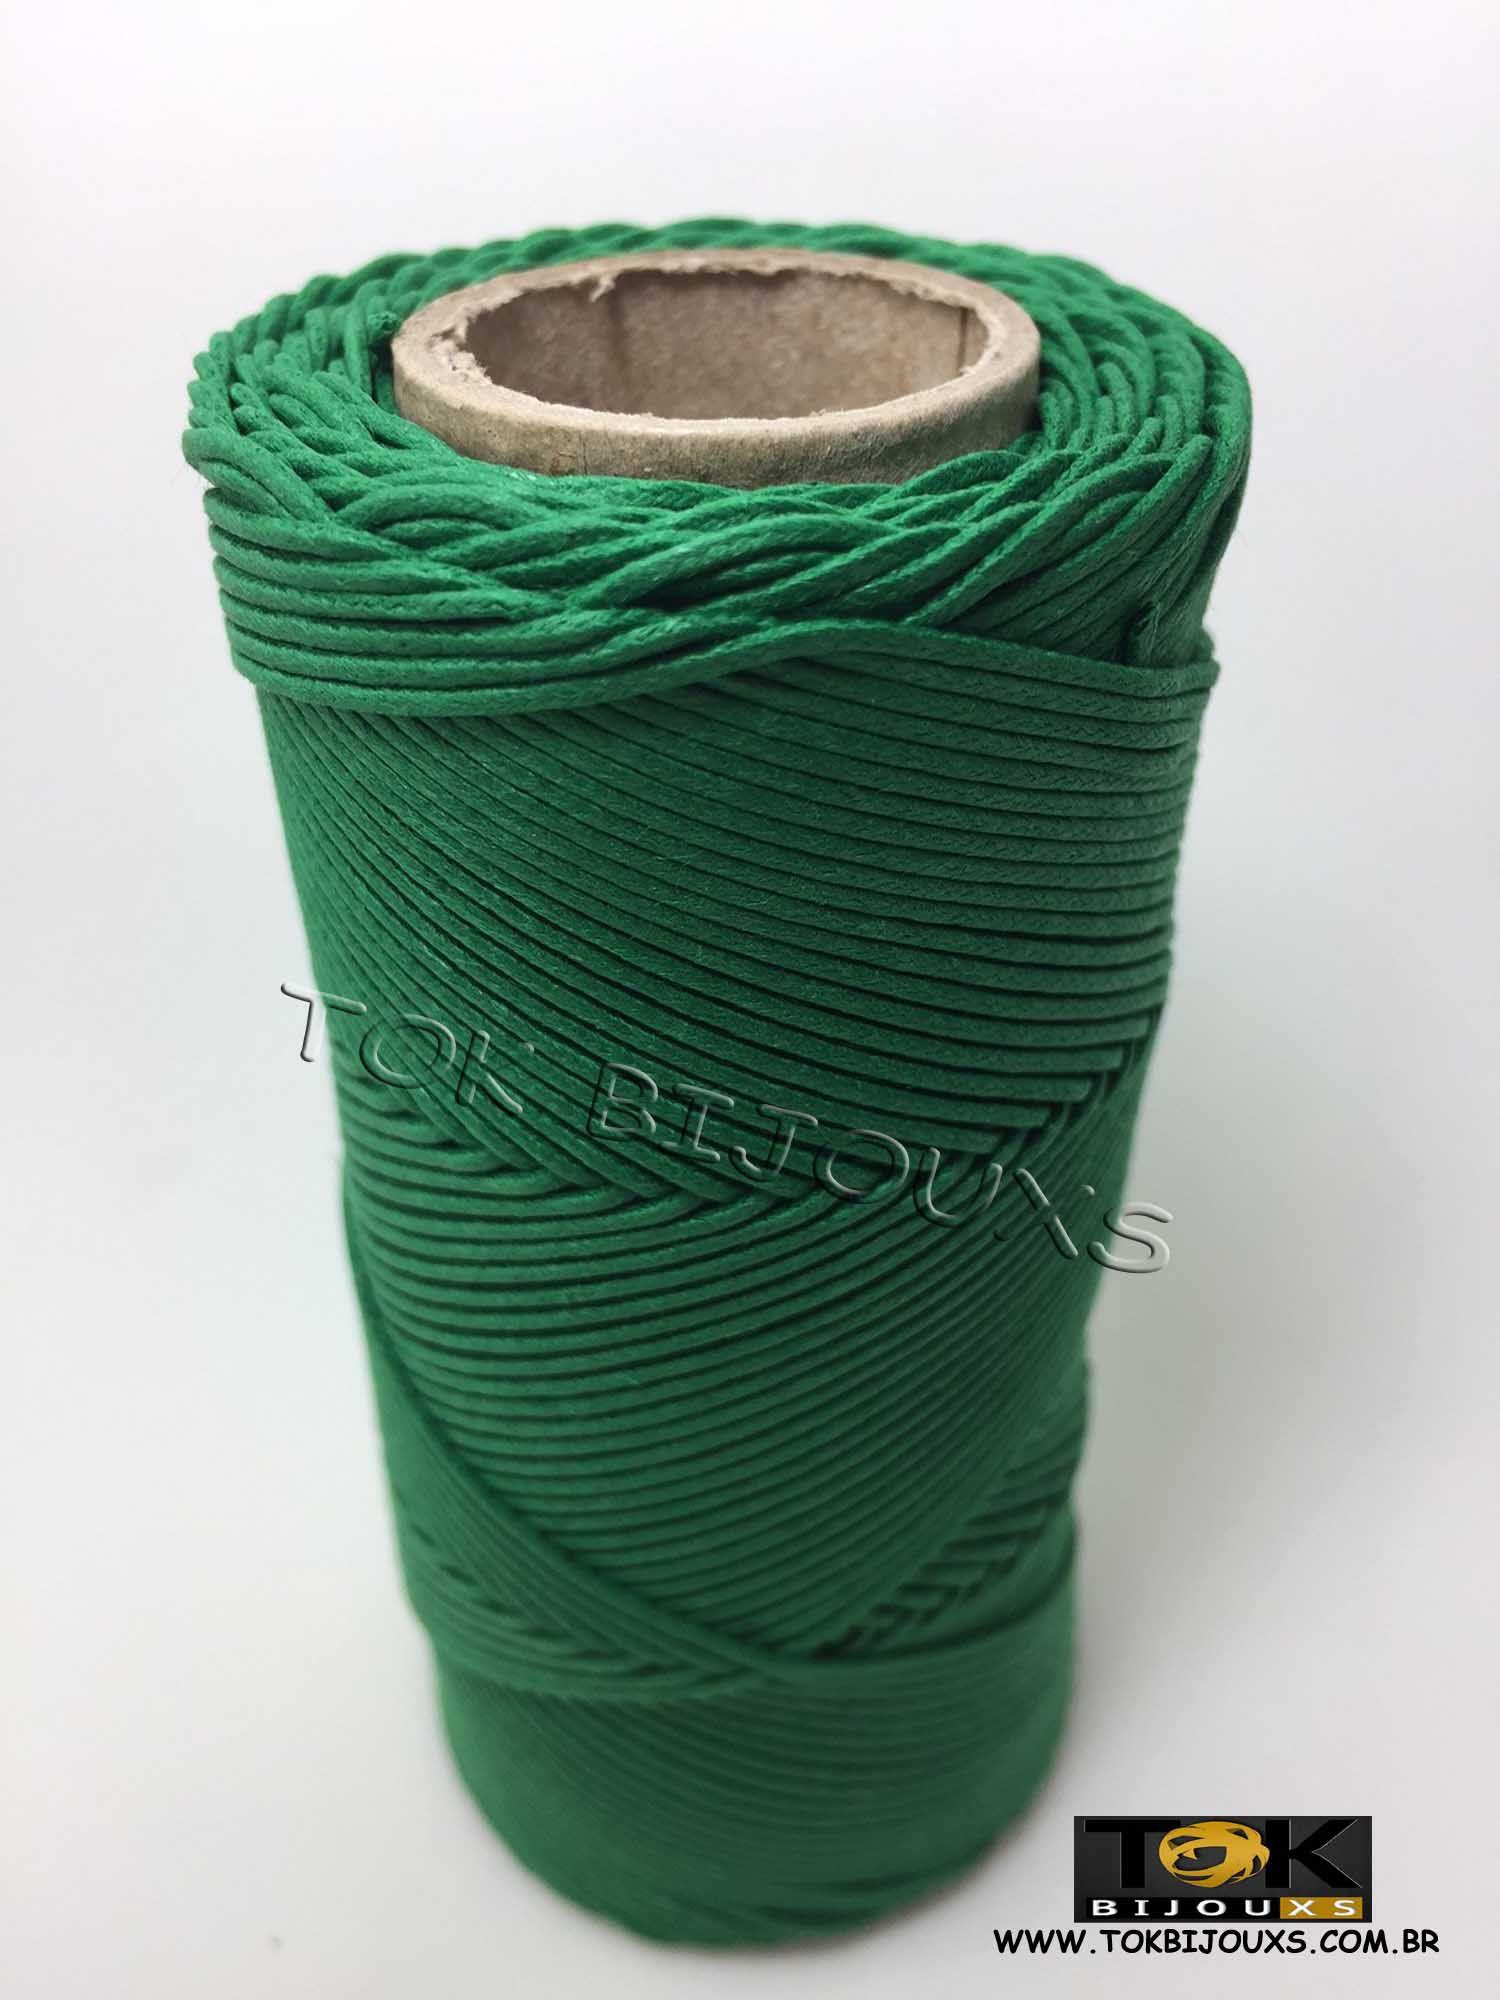 Cordão Encerado Algodão - 1mm - Verde Bandeira